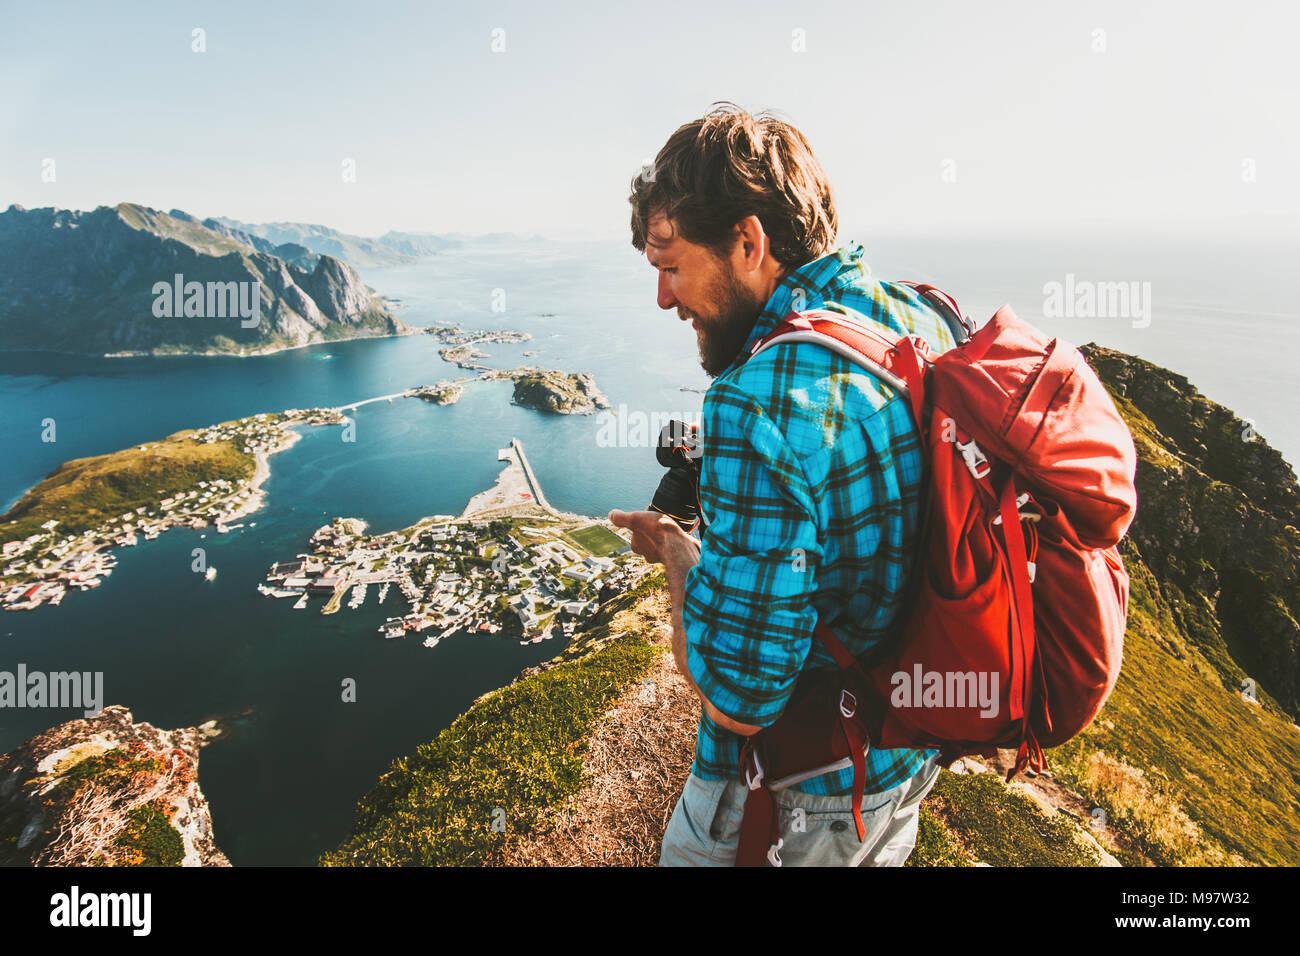 Sac à dos homme traveler avec caméra photo et visites vue depuis la montagne de vie Reinebringen en Norvège l'été en plein air aventure voyage vacati Photo Stock